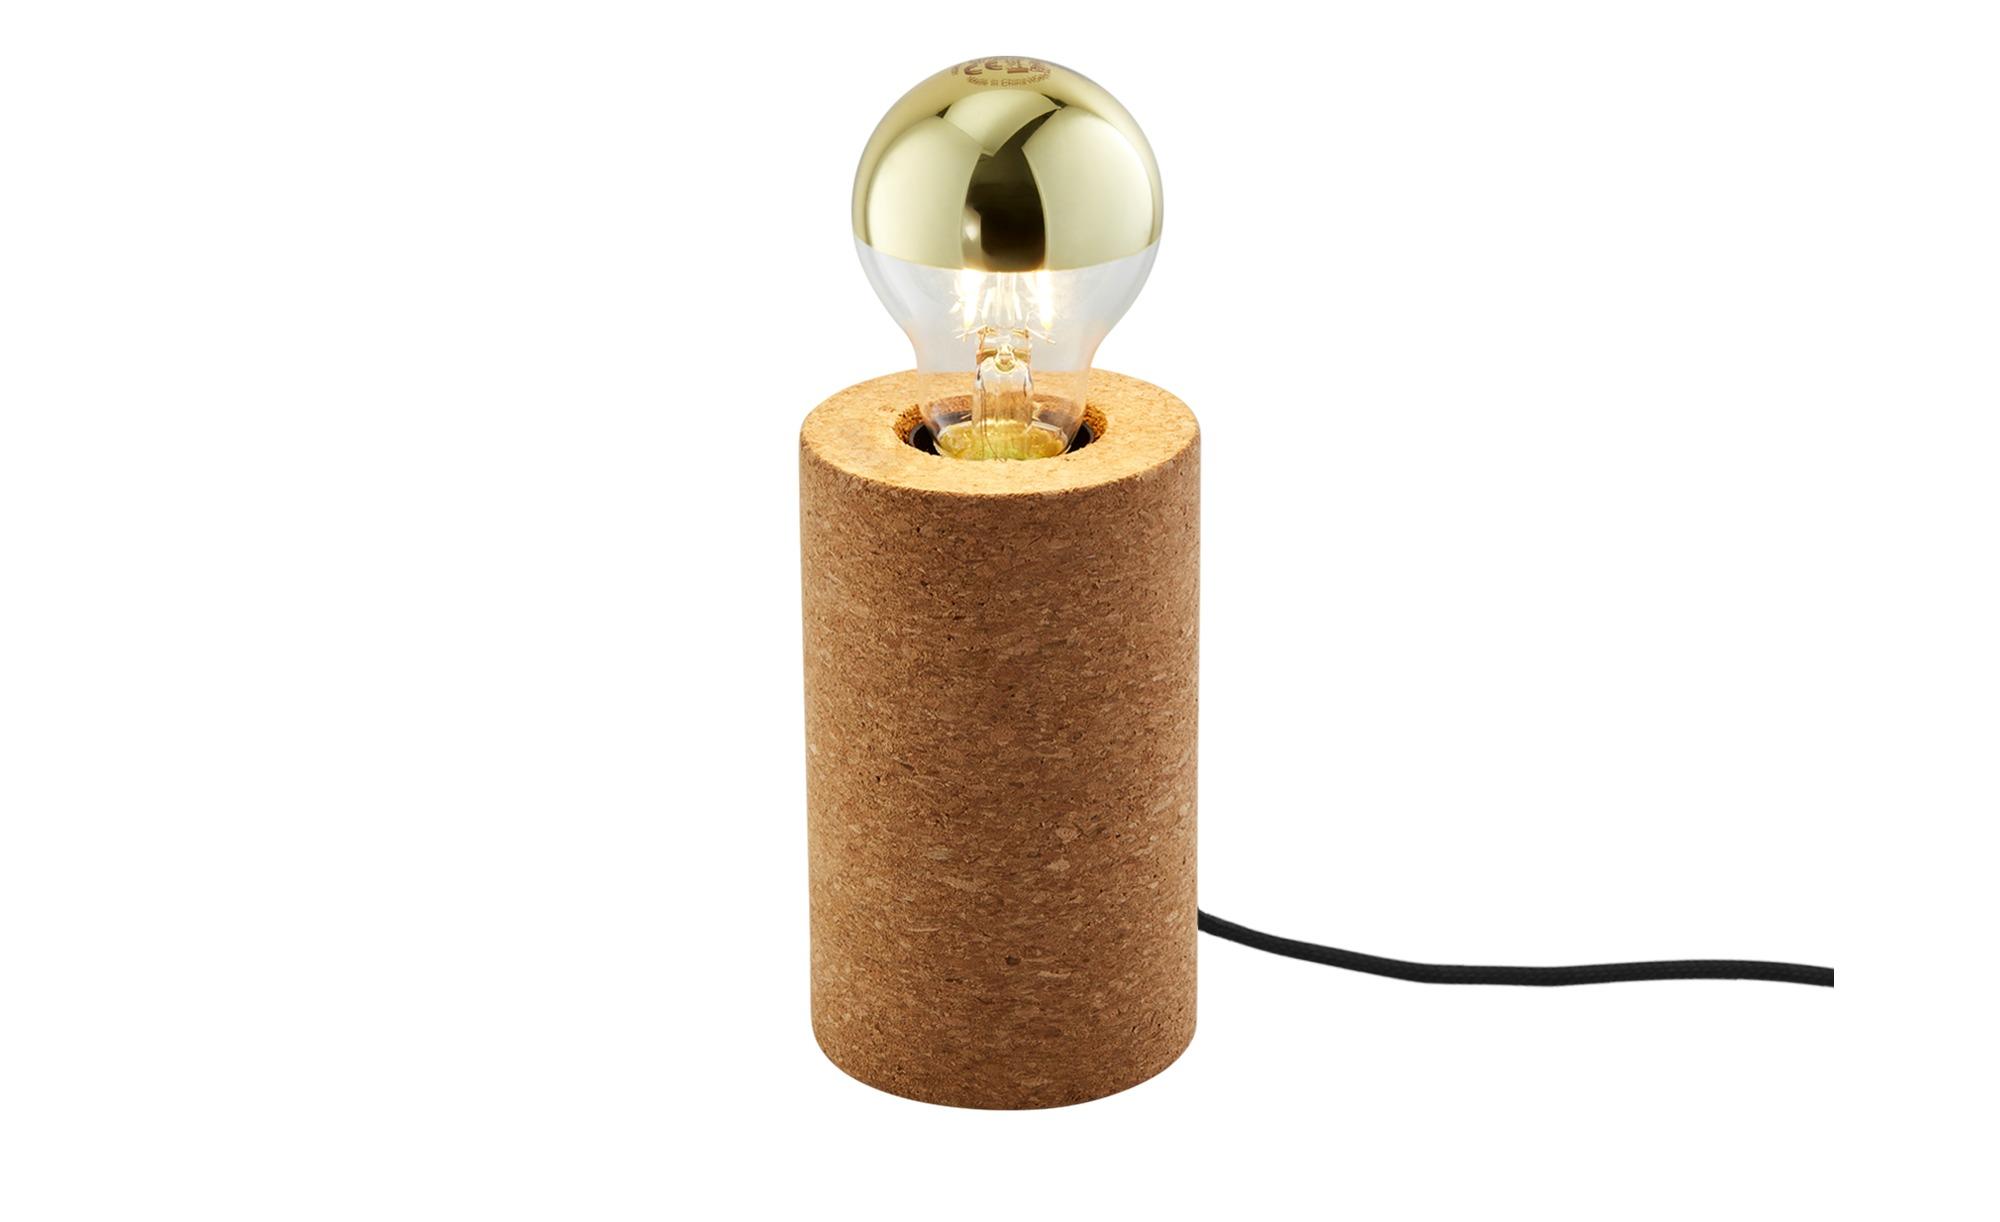 Tischleuchte, 1-flammig, Kork ¦ braun ¦ Maße (cm): H: 13 Ø: 8 Lampen & Leuchten > Innenleuchten > Tischlampen - Höffner